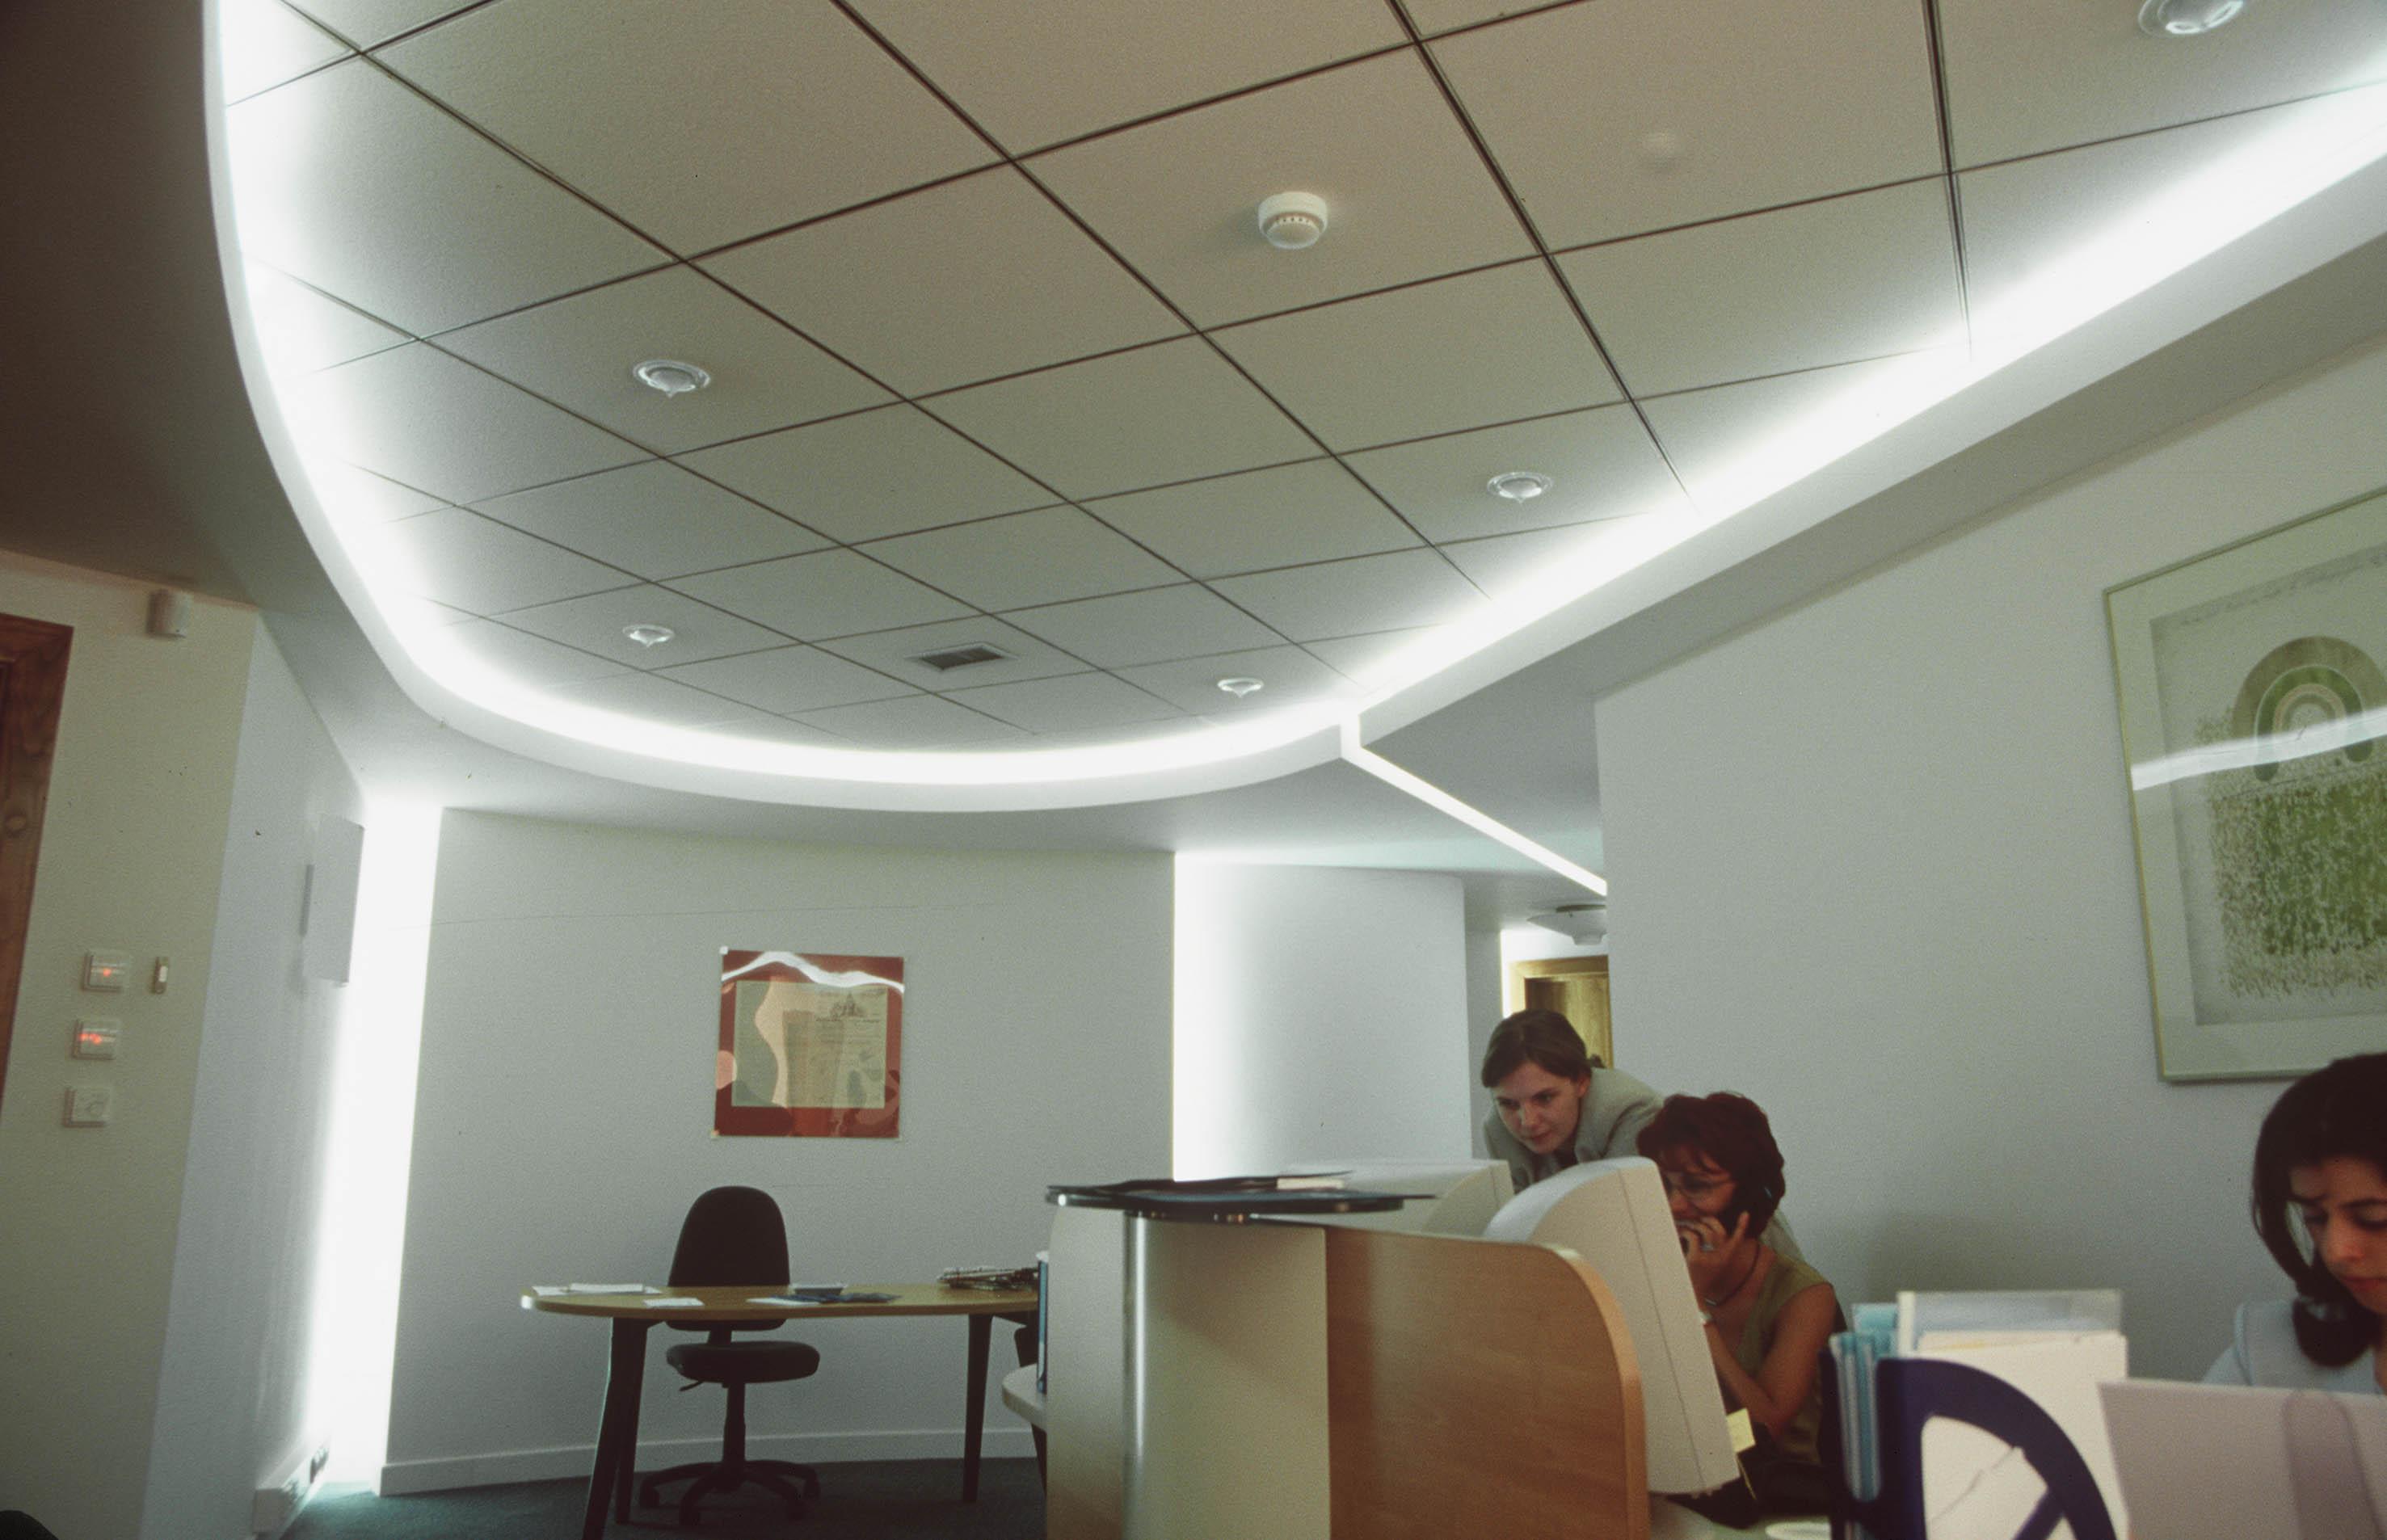 Sistem de iluminare - Sediu Allianz CARALUX - Poza 4